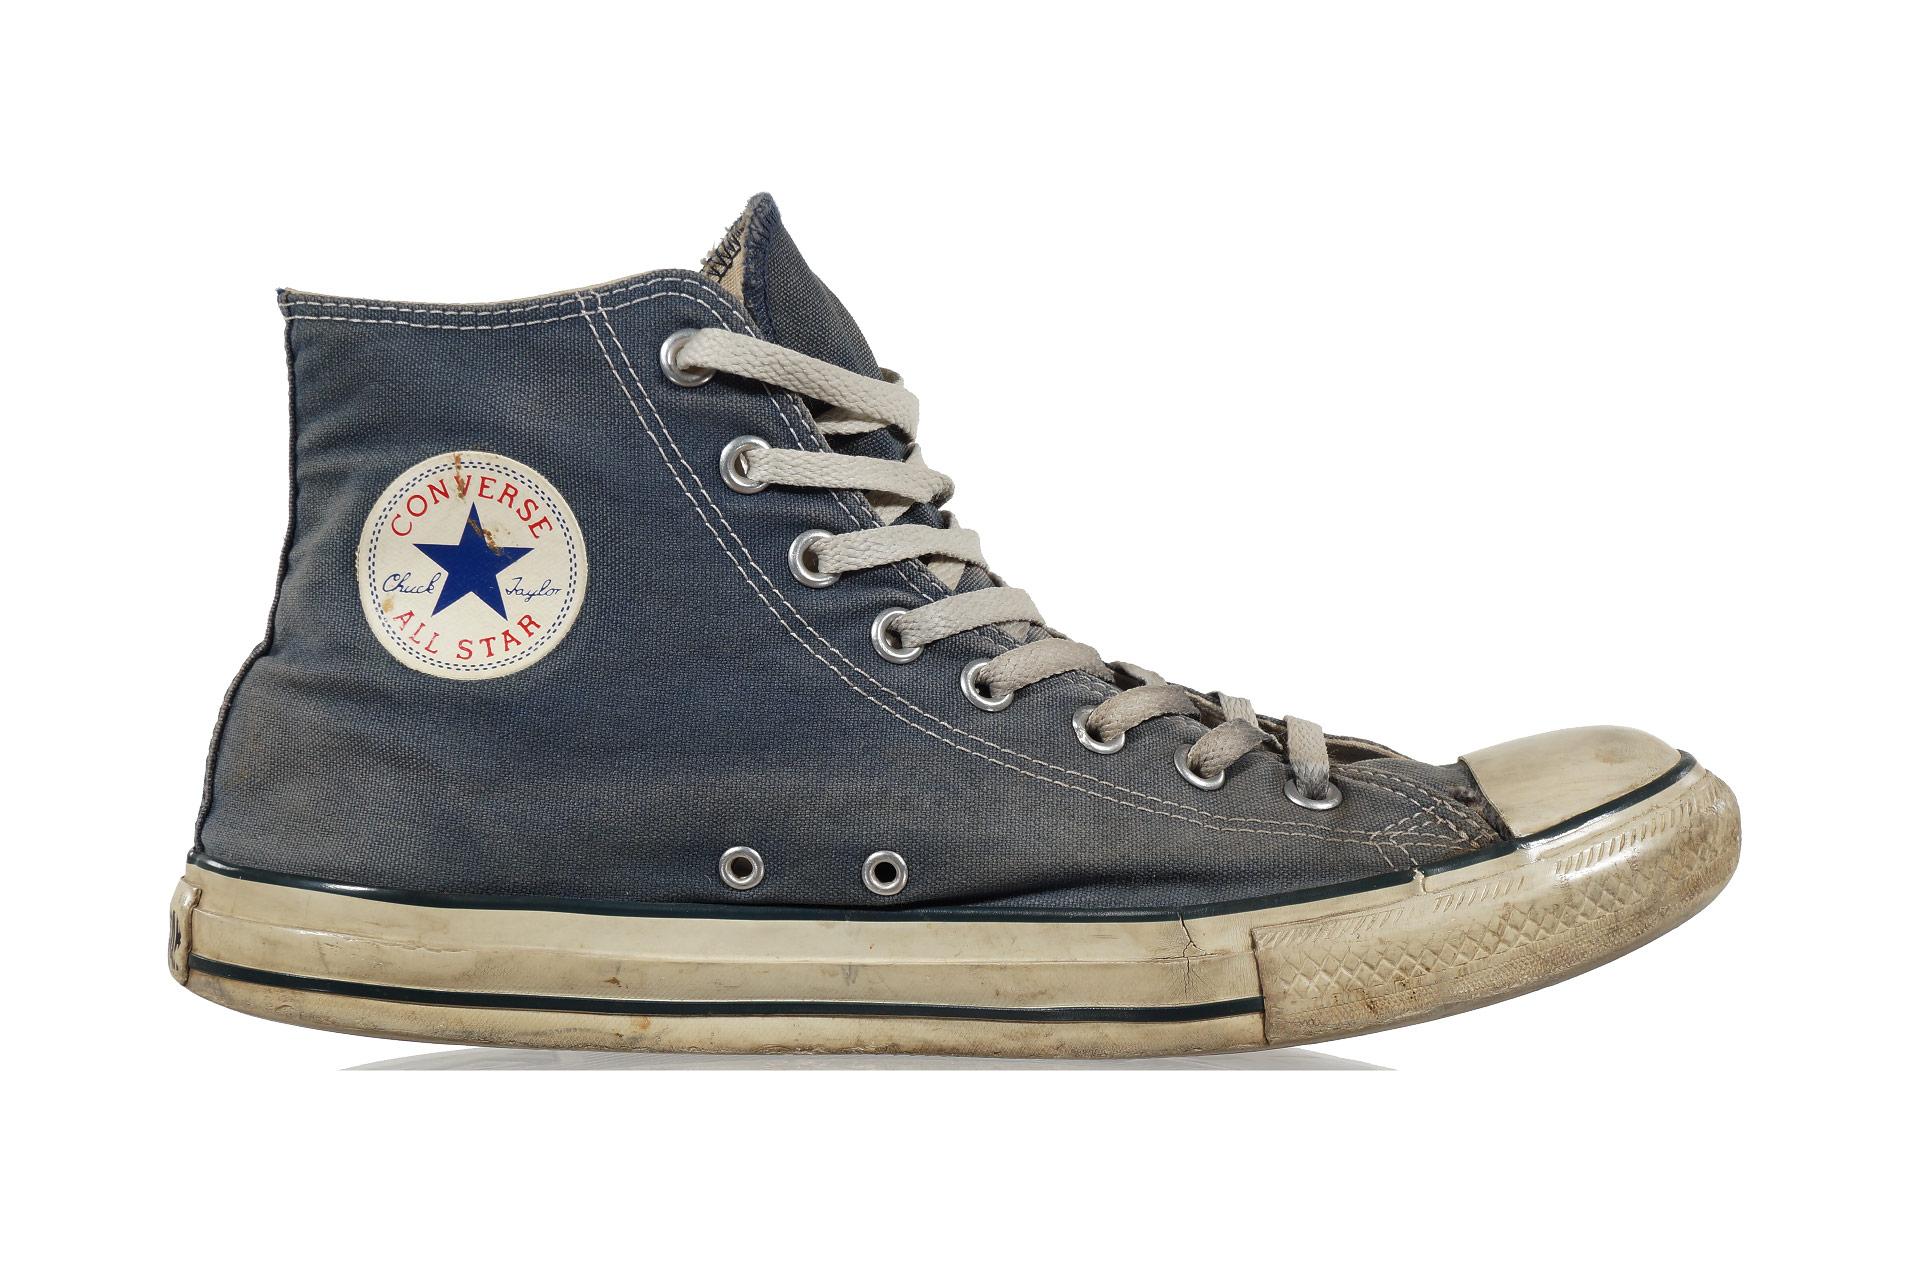 Converse CTAS X9622 sneakers mens used 151U